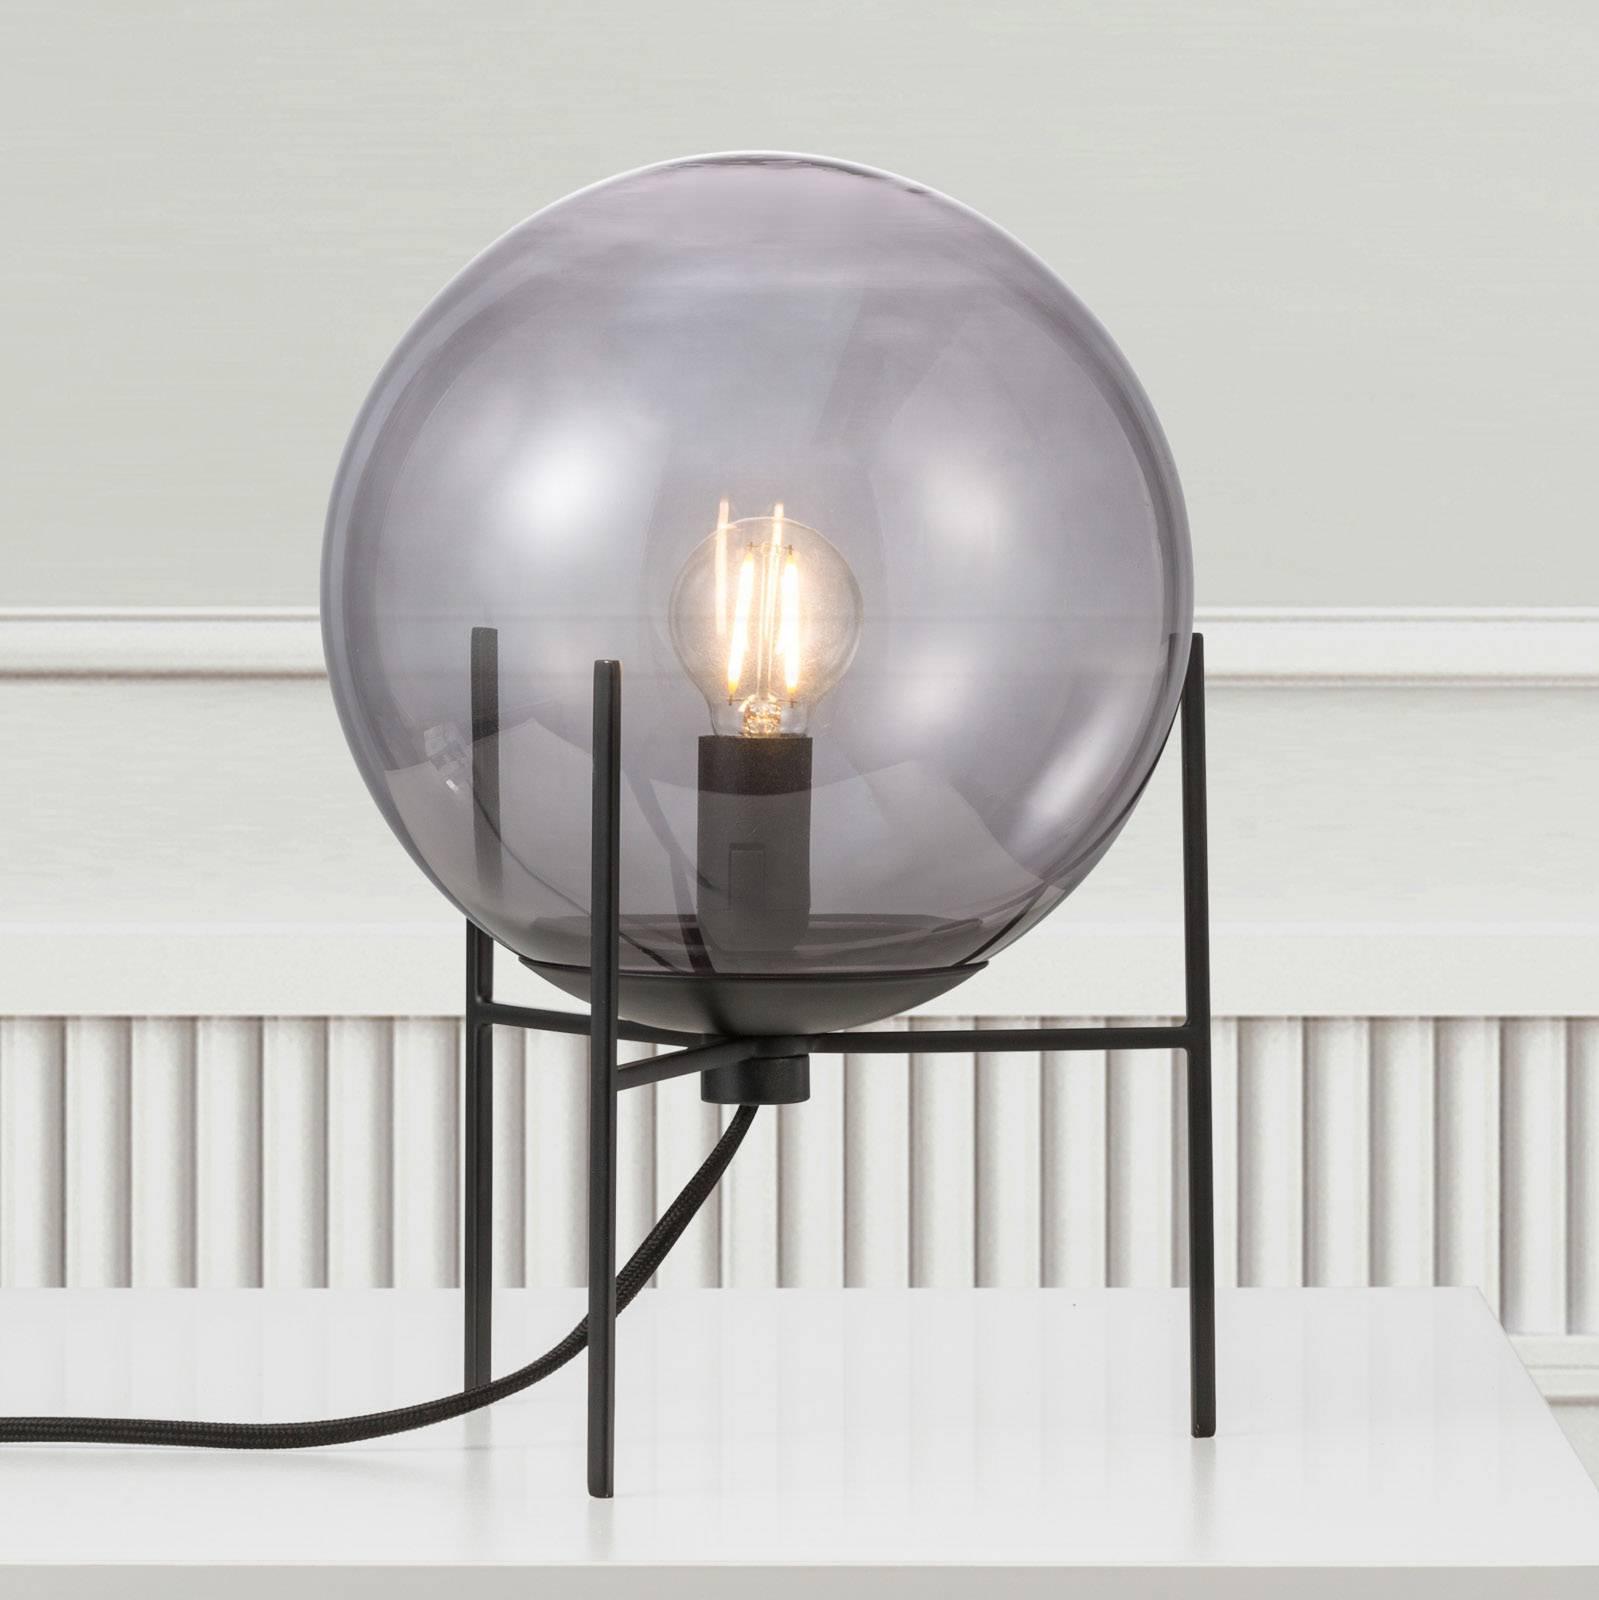 Billede af Alton bordlampe med røggrå glasskærm